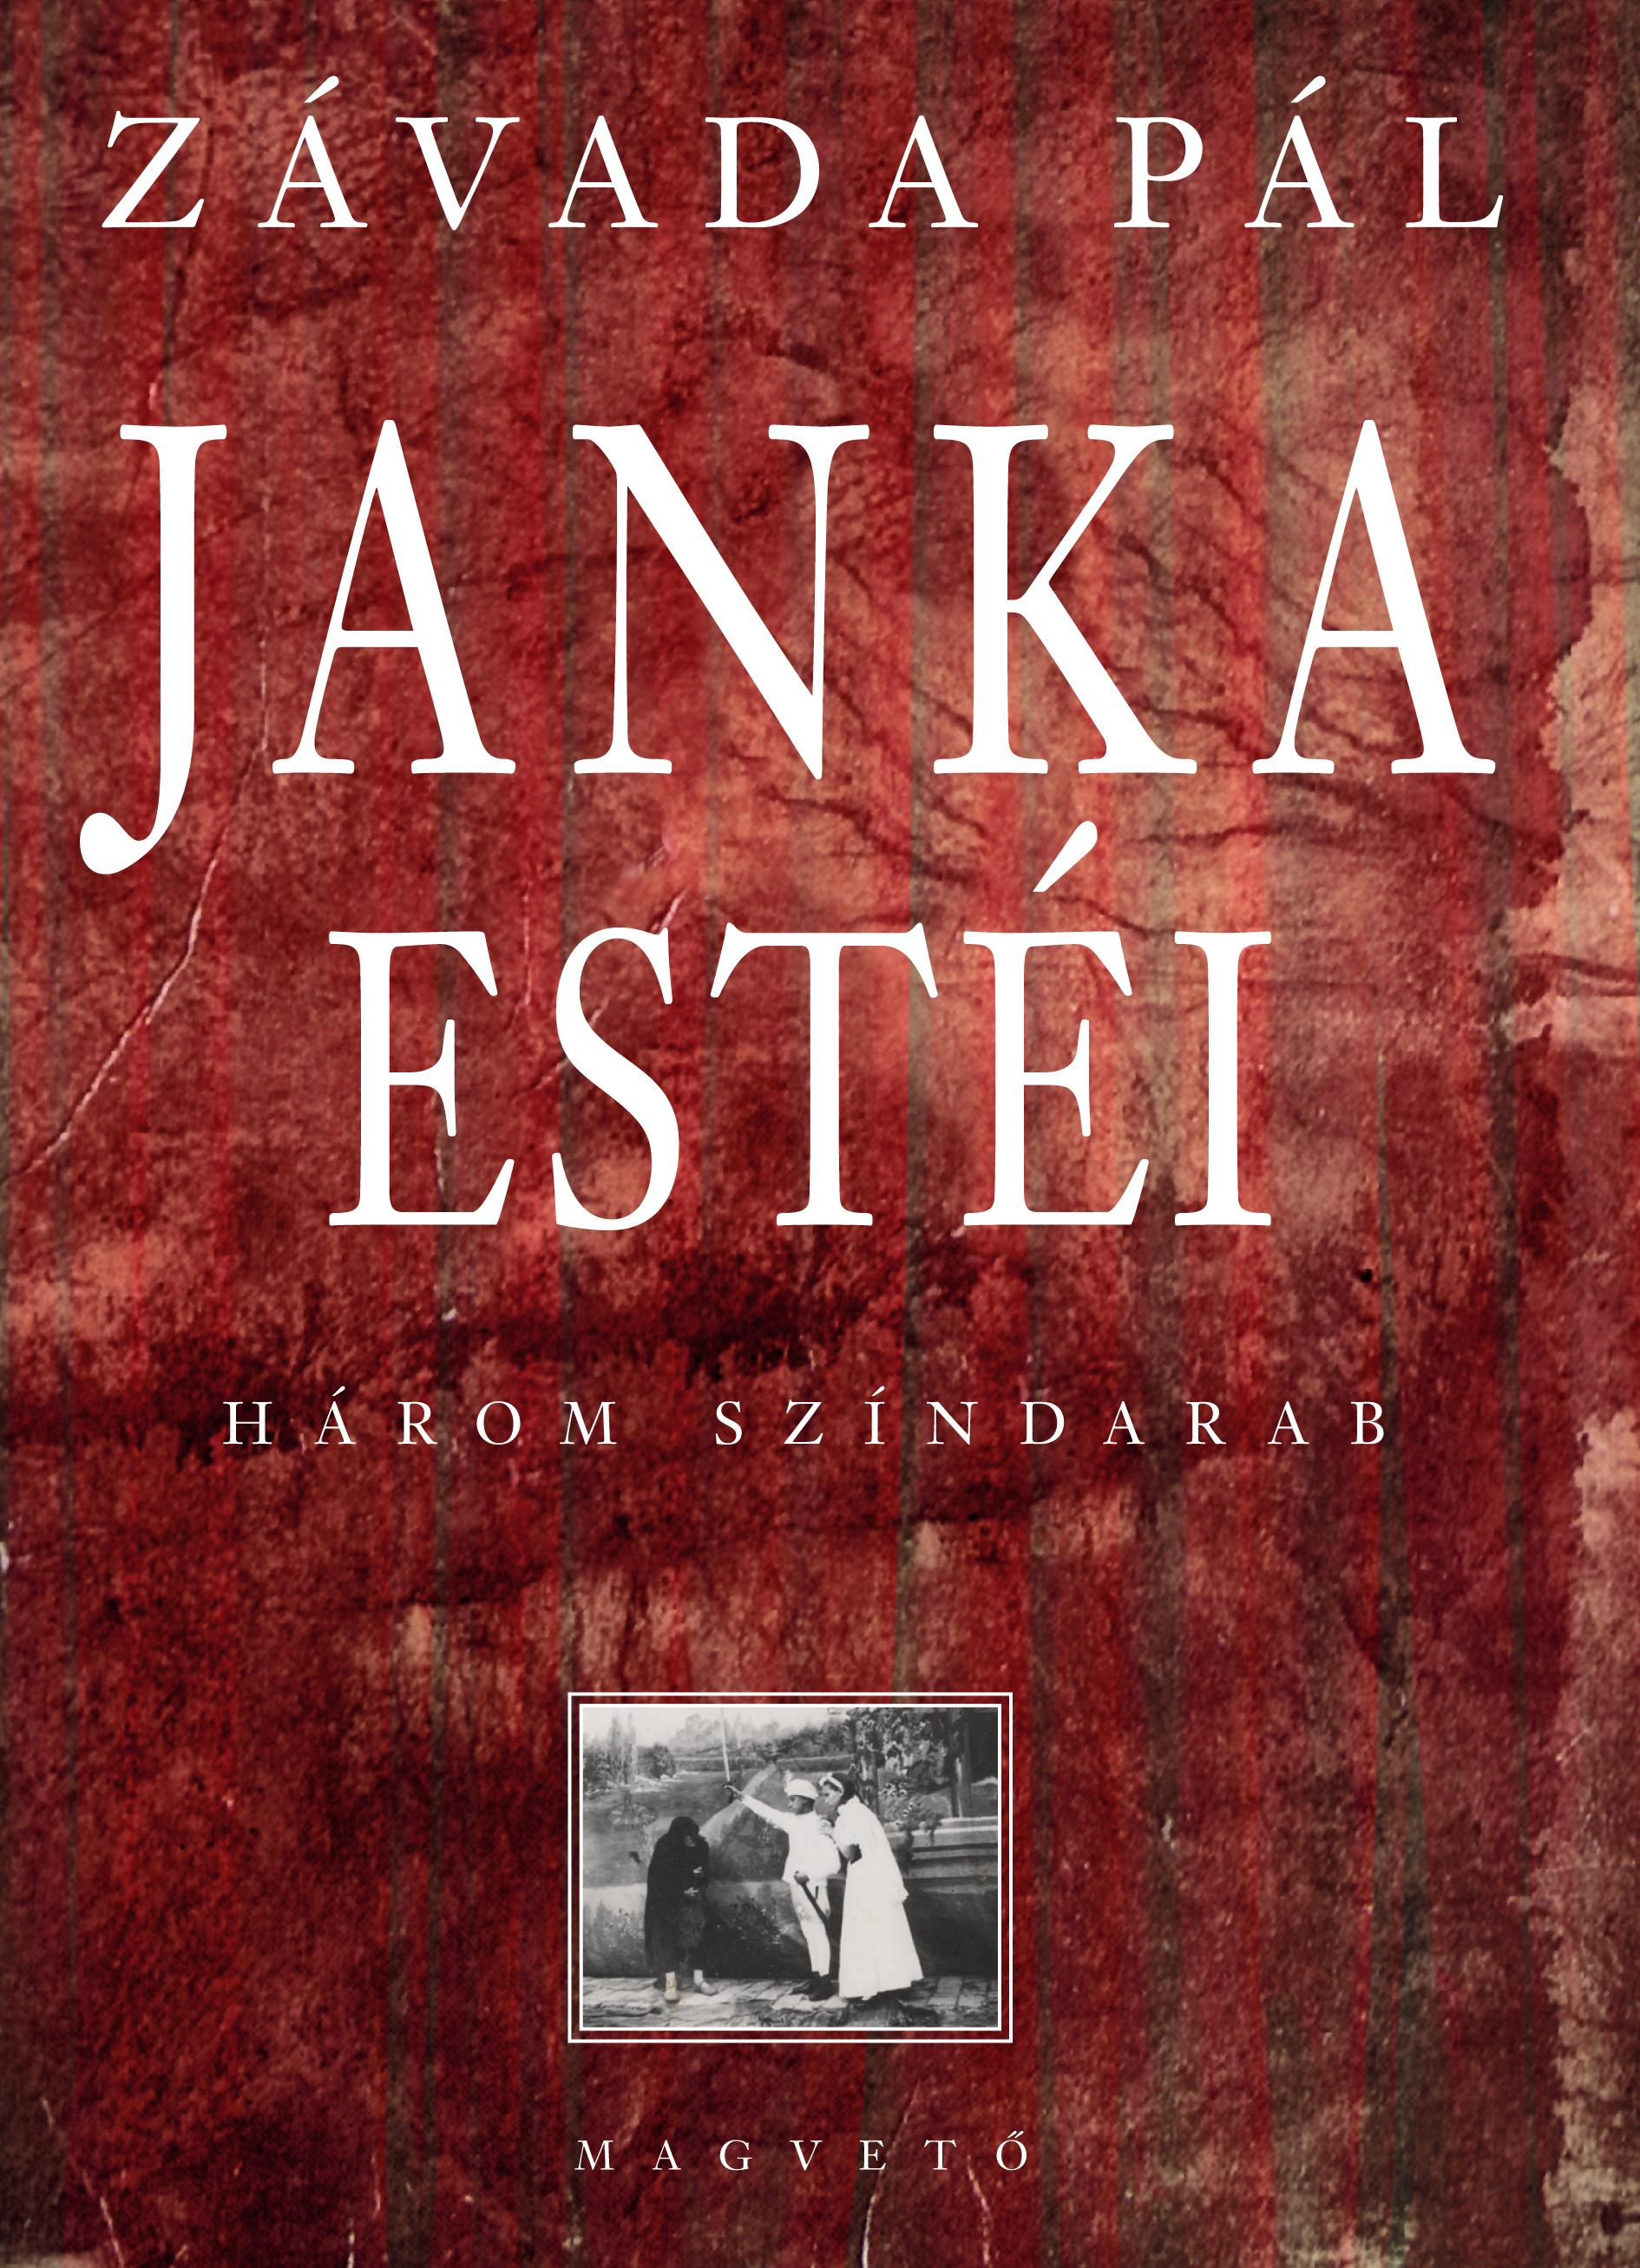 JANKA ESTÉI - HÁROM SZÍNDARAB